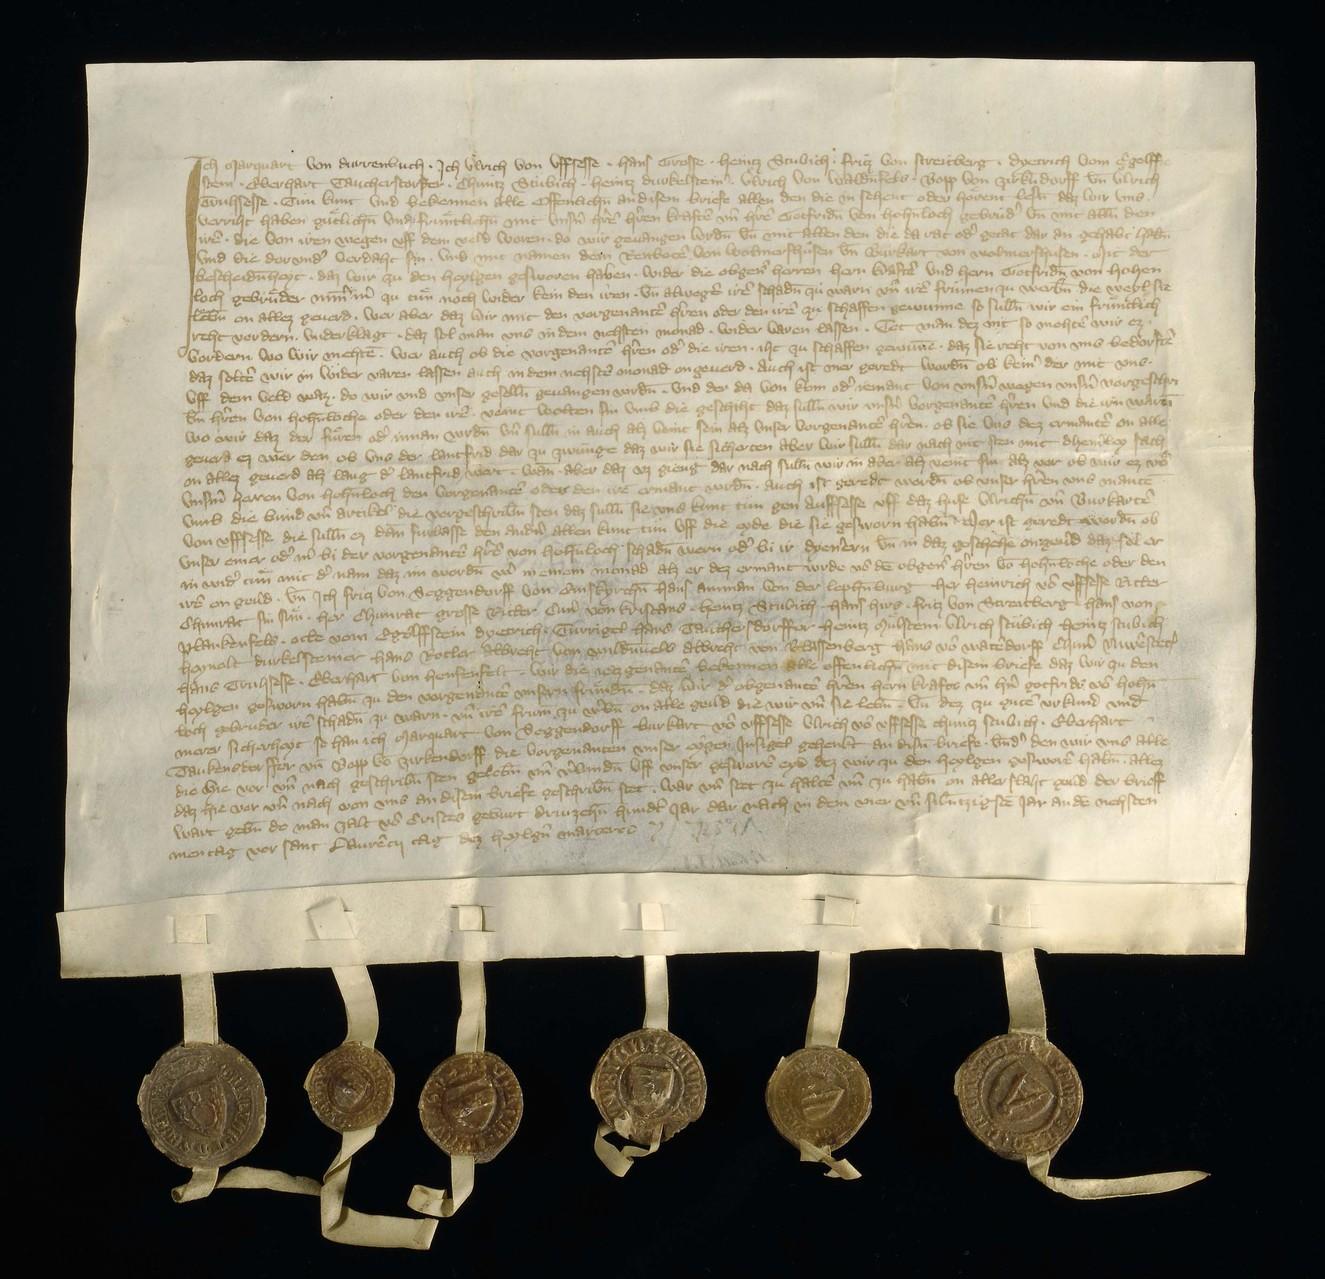 Beispiel für eine von einem Kanzleischreiber ausgestellte und gesiegelte Urkunde aus dem Spätmittelalter.